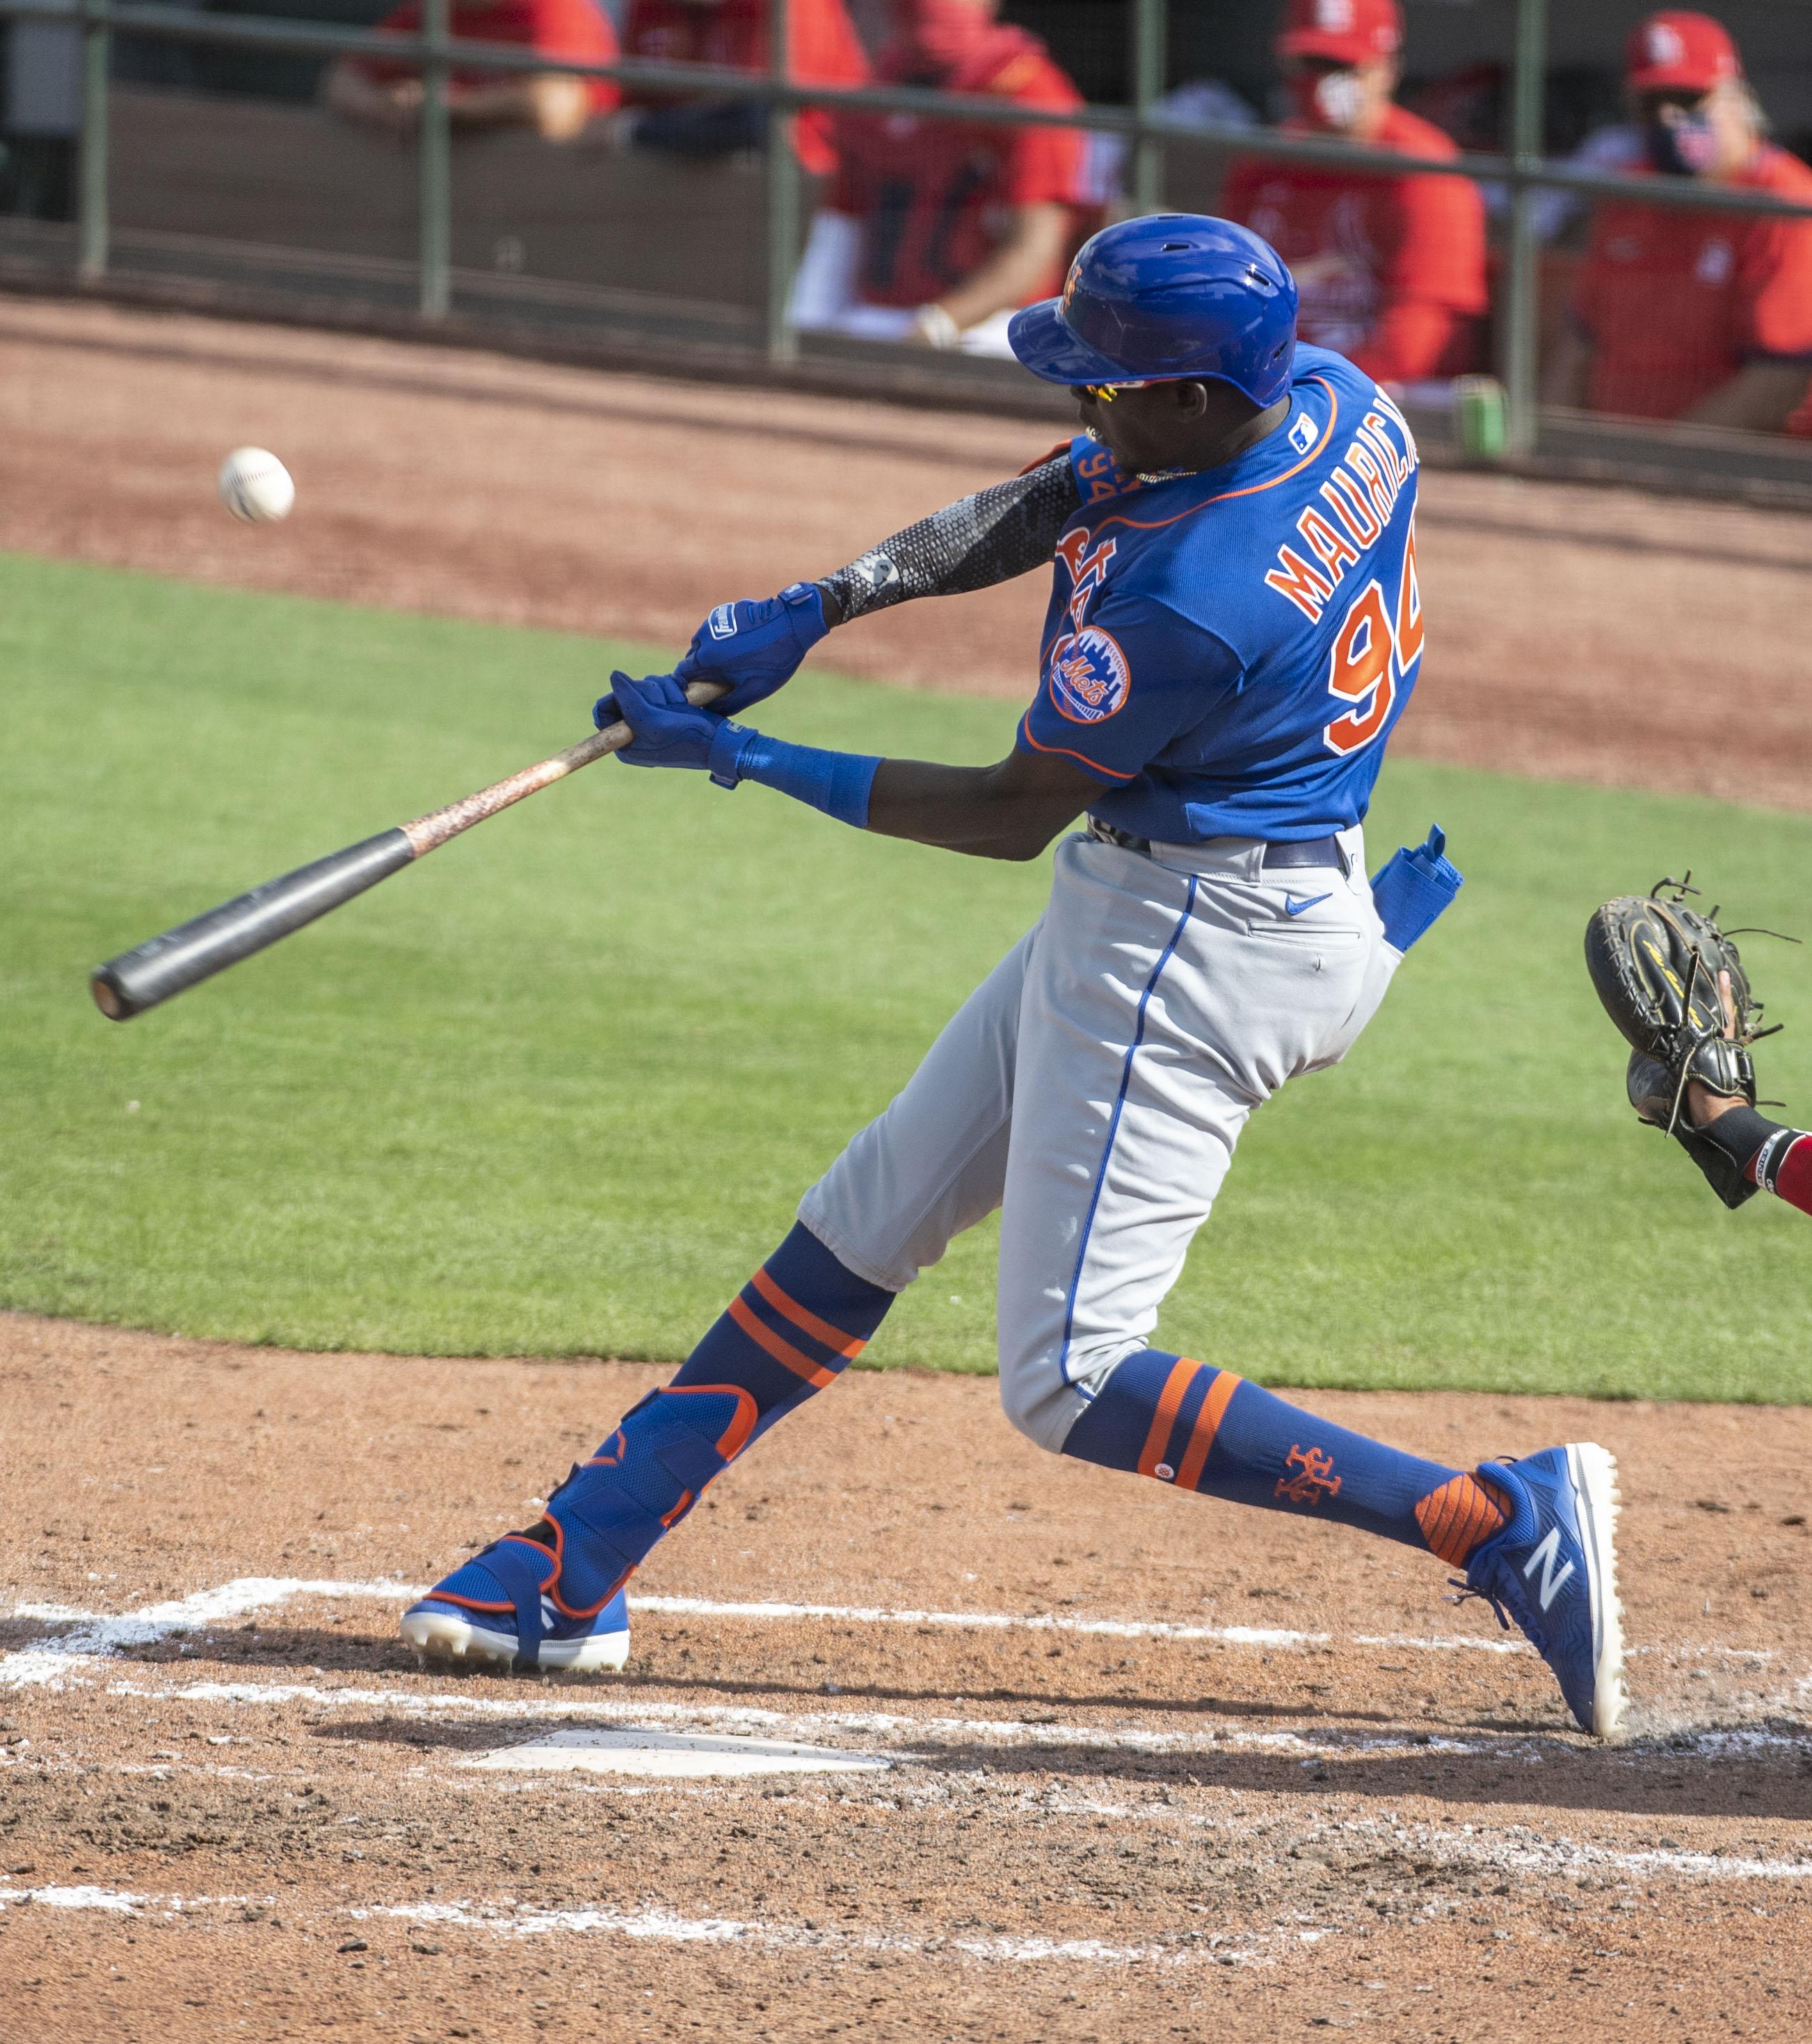 New York Mets Player Ronny Mauricio